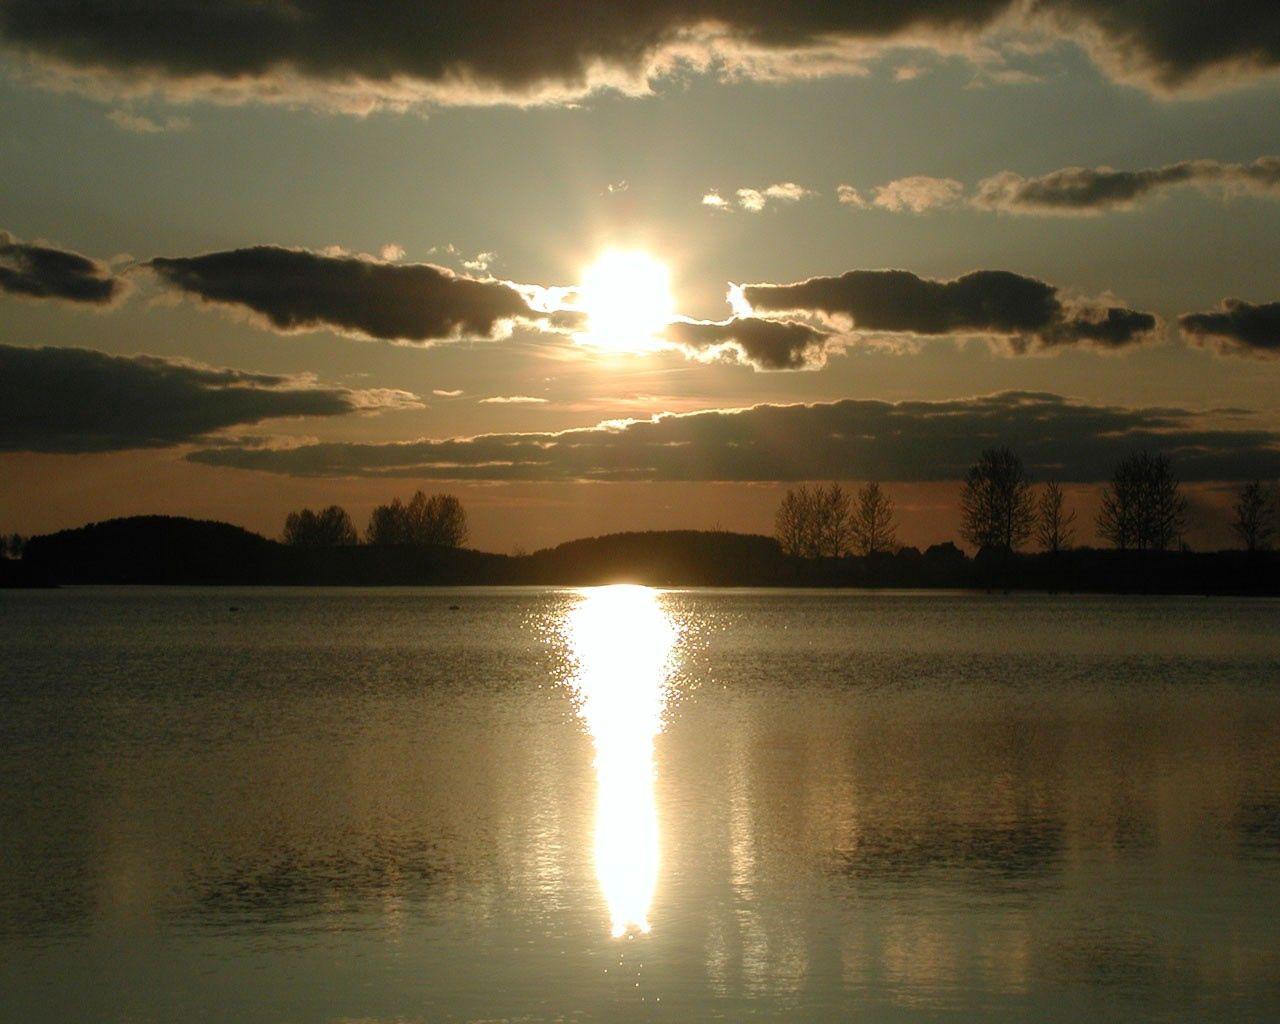 73837 скачать обои Природа, Закат, Вода, Отражение, Облака, Небо, Солнце - заставки и картинки бесплатно